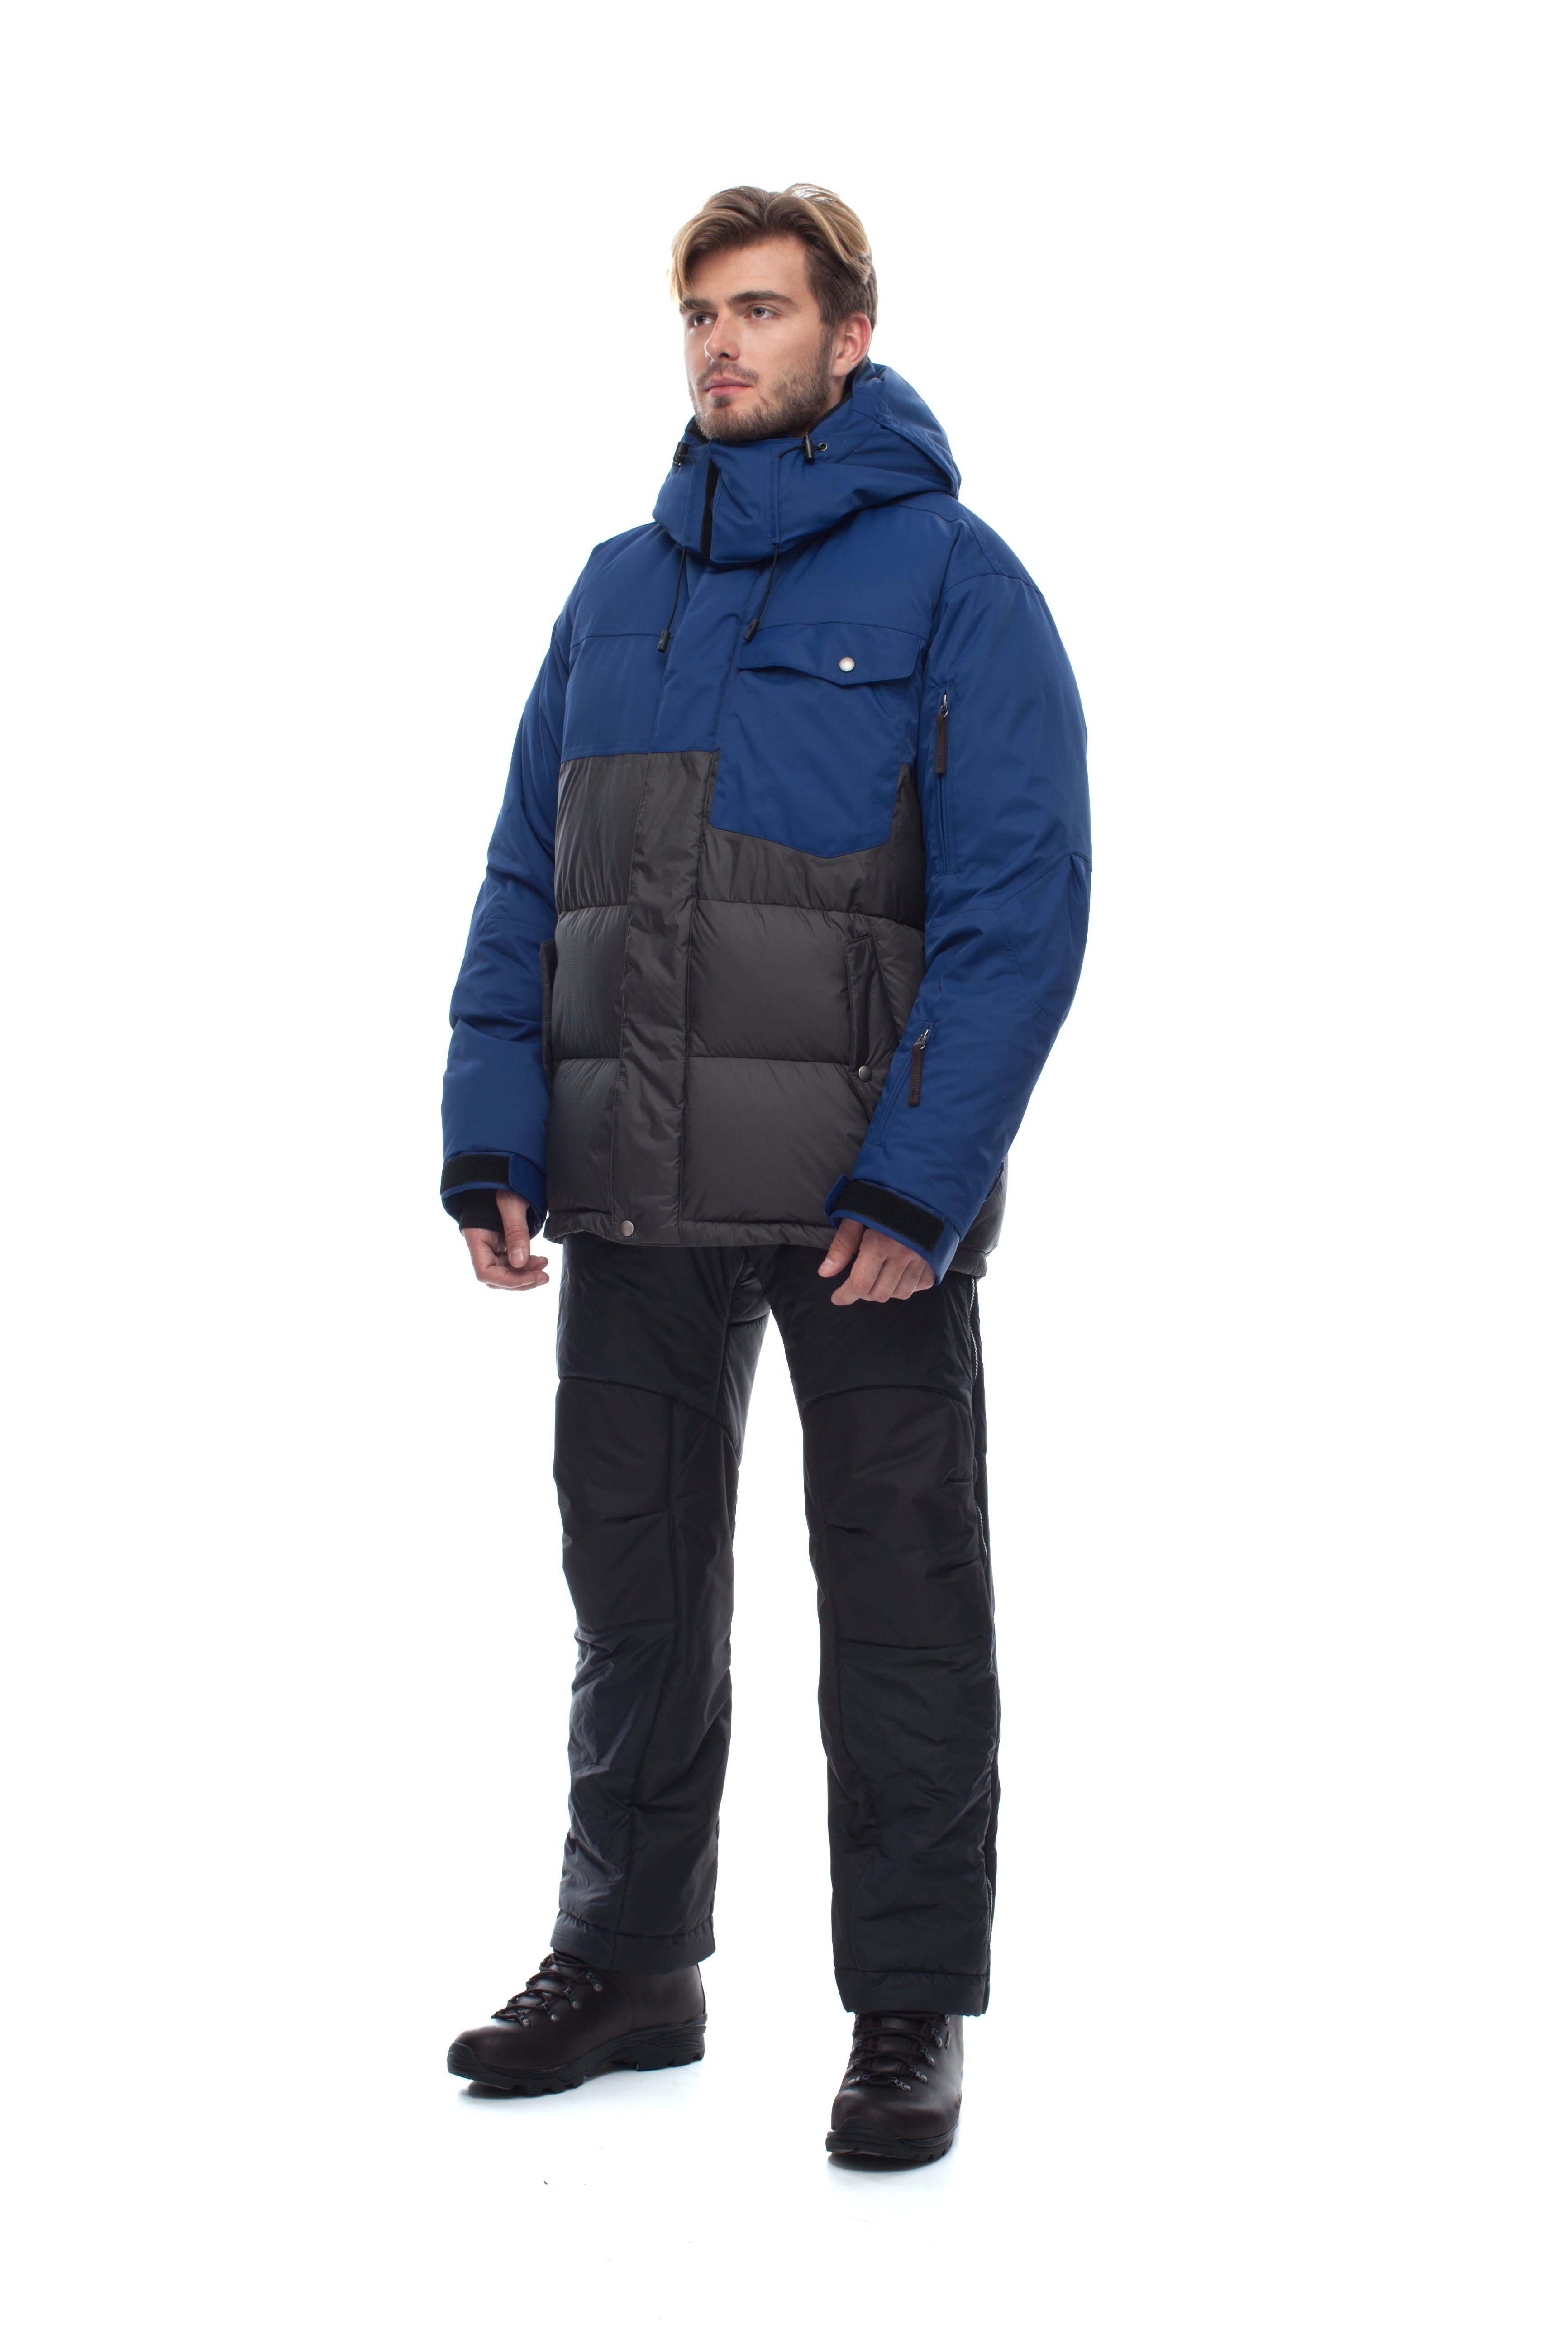 Пуховая куртка BASK NANDU 3893Куртки<br><br><br>&quot;Дышащие&quot; свойства: Да<br>Верхняя ткань: Advance® Ecliptic<br>Ветро-влагозащитные свойства верхней ткани: Да<br>Ветрозащитная планка: Нет<br>Ветрозащитная юбка: Да<br>Влагозащитные молнии: Нет<br>Внутренние манжеты: Да<br>Внутренняя ткань: Advance® Classic<br>Водонепроницаемость: 20000<br>Дублирующий центральную молнию клапан: Да<br>Защитный козырёк капюшона: Нет<br>Капюшон: Съемный<br>Карман для средств связи: Нет<br>Количество внешних карманов: 3<br>Количество внутренних карманов: 2<br>Мембрана: Да<br>Объемный крой локтевой зоны: Да<br>Отстёгивающиеся рукава: Нет<br>Паропроницаемость: 15000<br>Показатель Fill Power (для пуховых изделий): 650<br>Пол: Мужской<br>Проклейка швов: Да<br>Регулировка манжетов рукавов: Да<br>Регулировка низа: Да<br>Регулировка объёма капюшона: Да<br>Регулировка талии: Да<br>Регулируемые вентиляционные отверстия: Да<br>Световозвращающая лента: Нет<br>Температурный режим: -25<br>Технология Thermal Welding: Нет<br>Усиление контактных зон: Нет<br>Утеплитель: Гусиный пух<br>Размер INT: XXL<br>Цвет: НЕИЗВЕСТНЫЙ